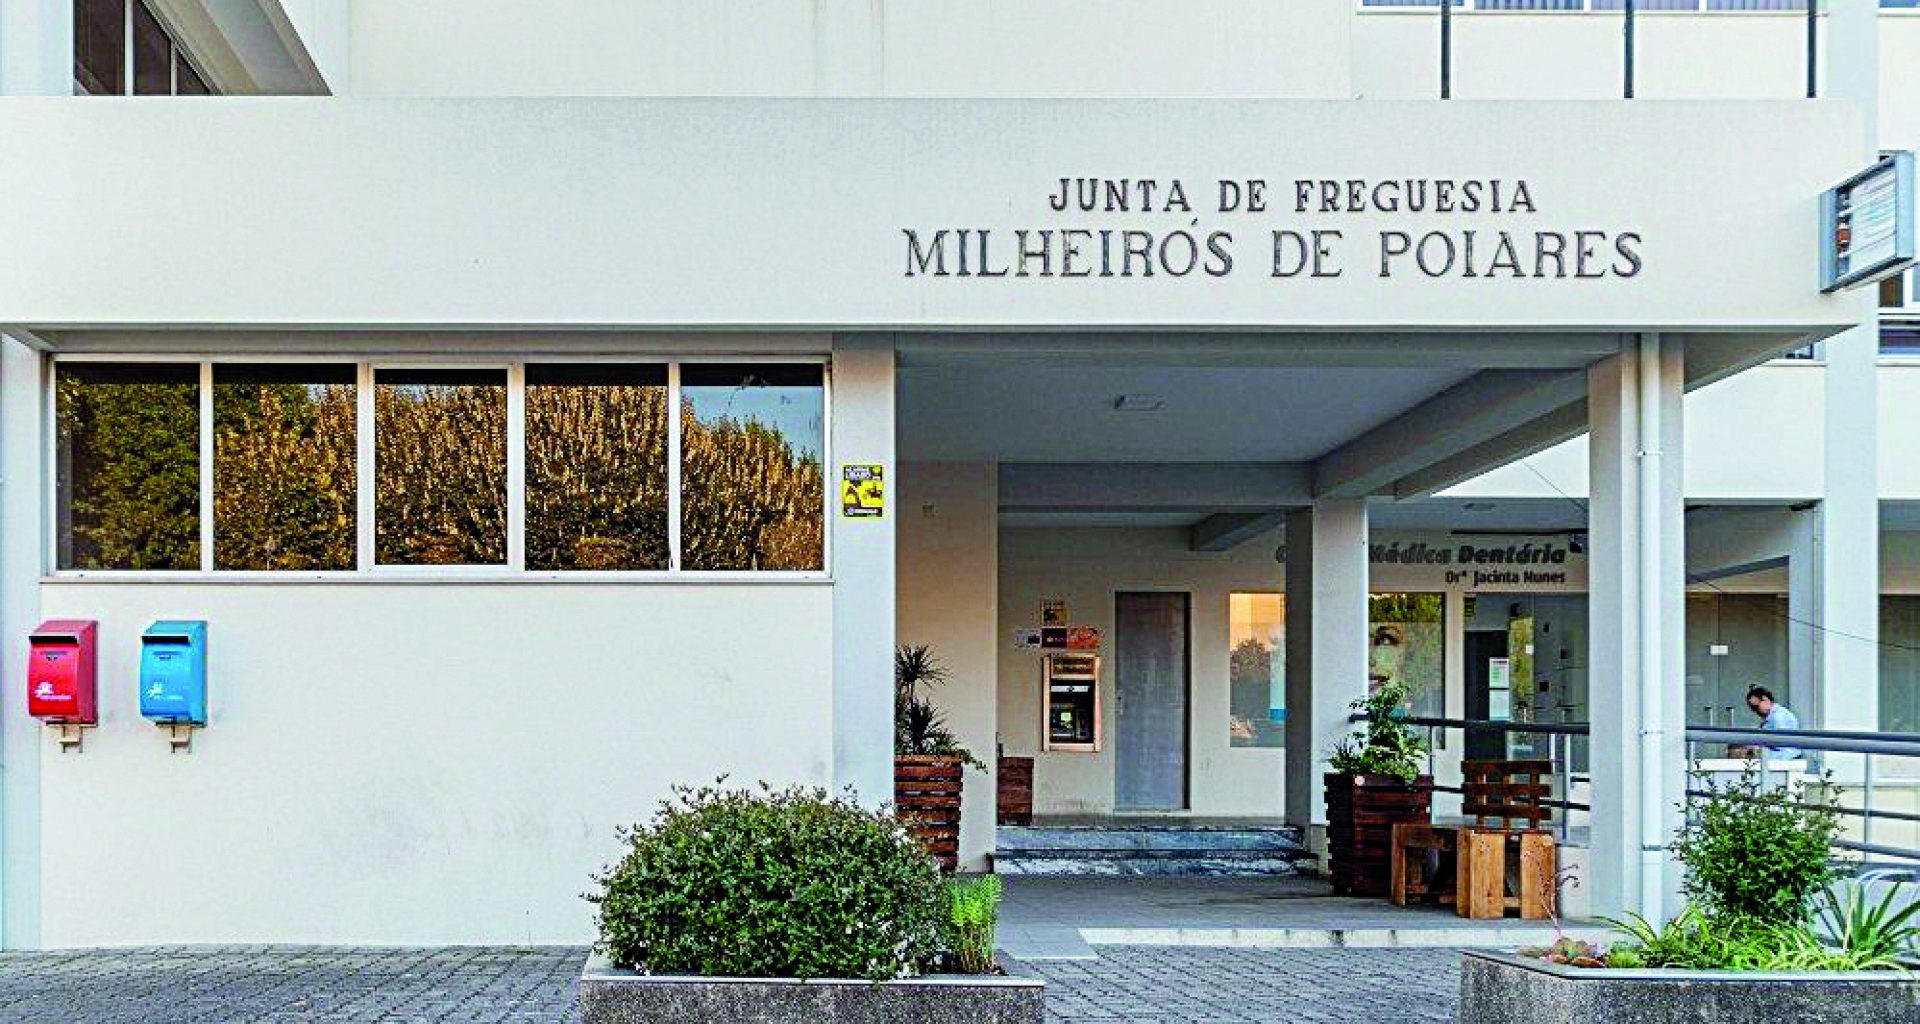 Junta-de-Freguesia-de-Milheiros-de-Poiares-e1598353645842